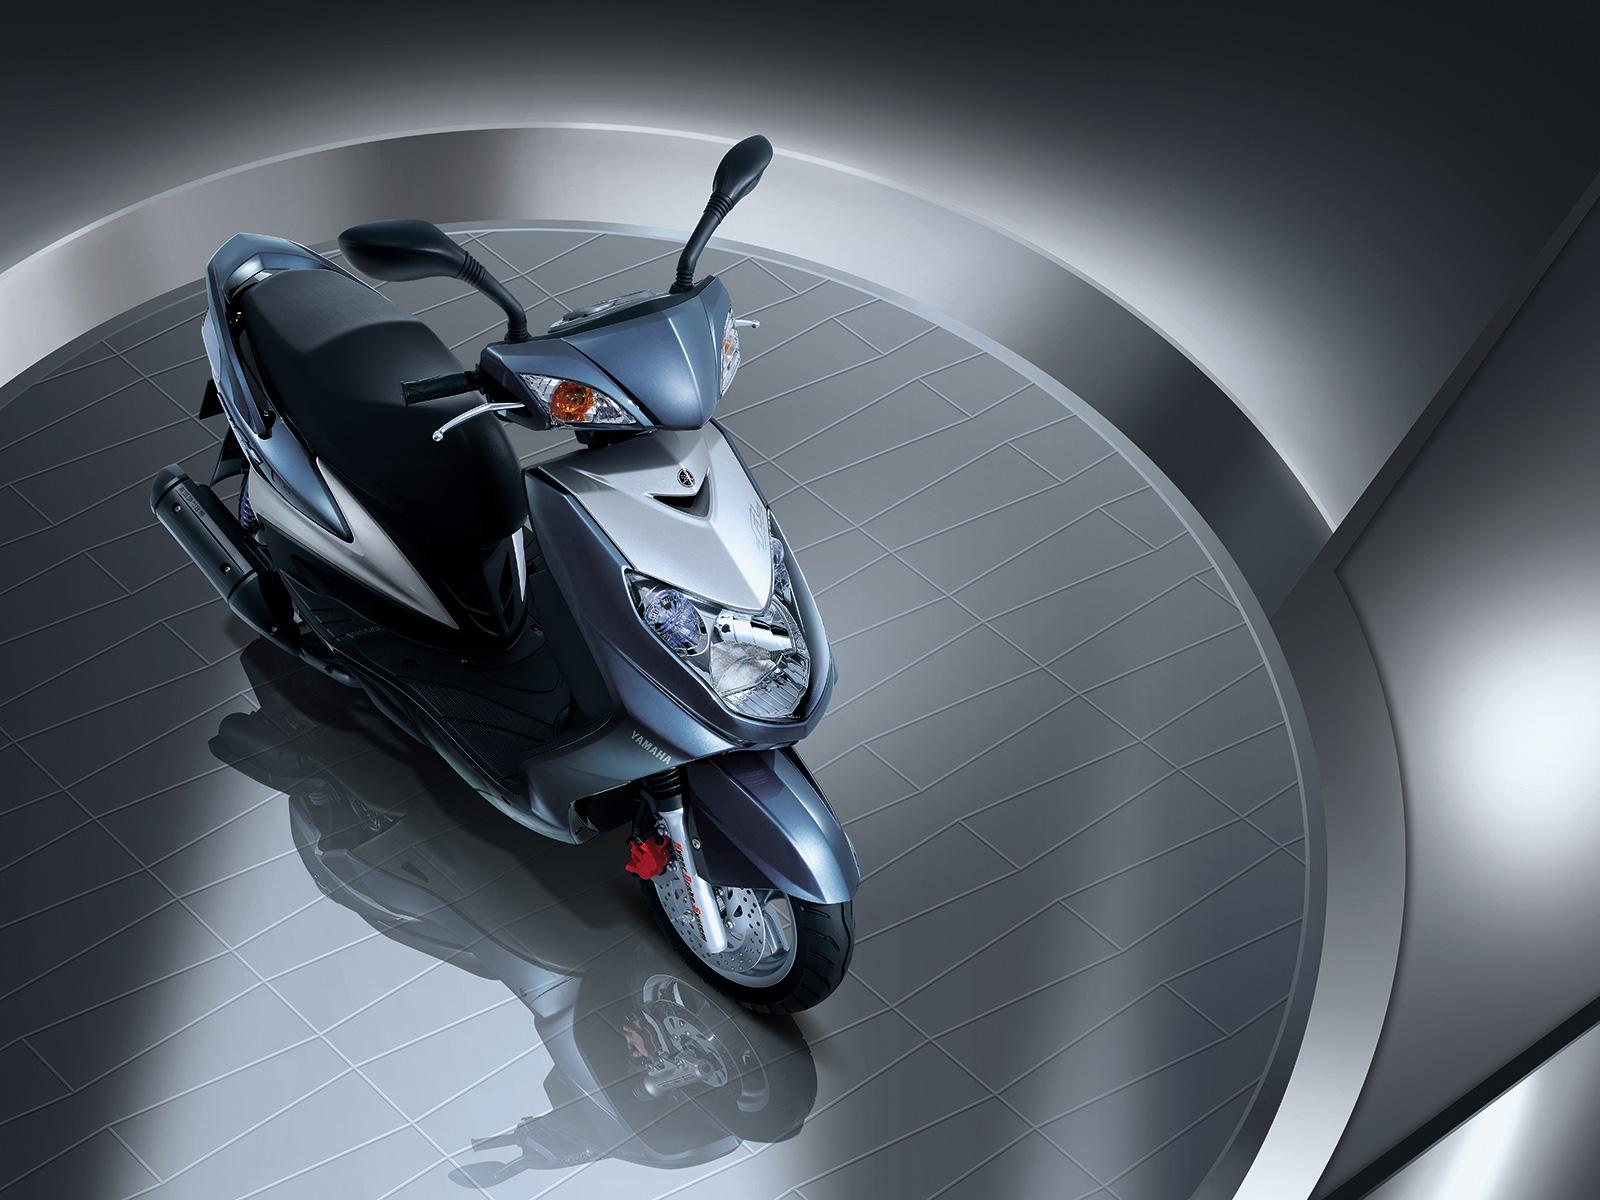 Фотография Скутер мотоцикл Мотороллер Мотоциклы